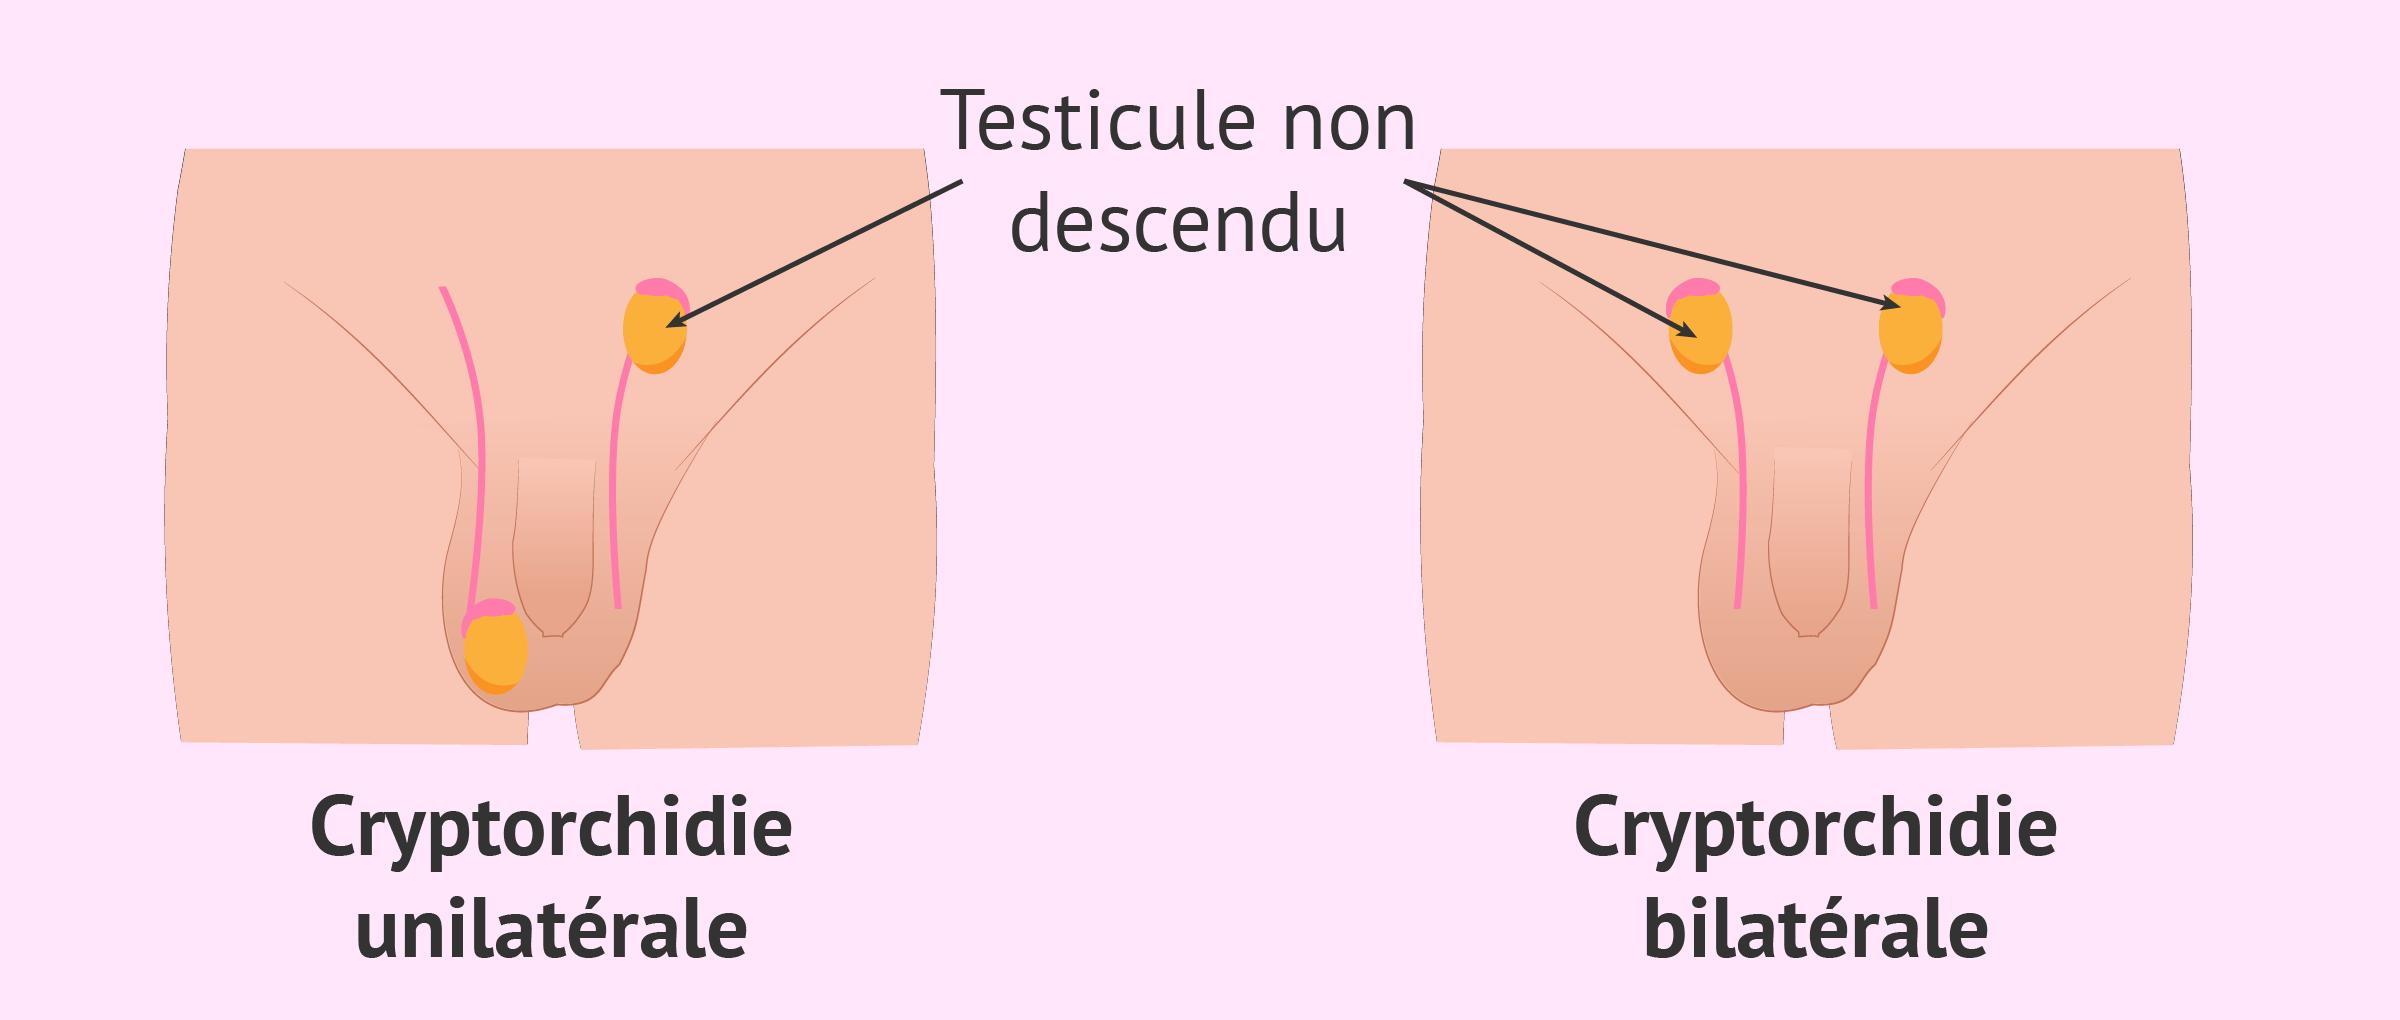 Cryptorchidie bilatérale: définition du testicule non descendu